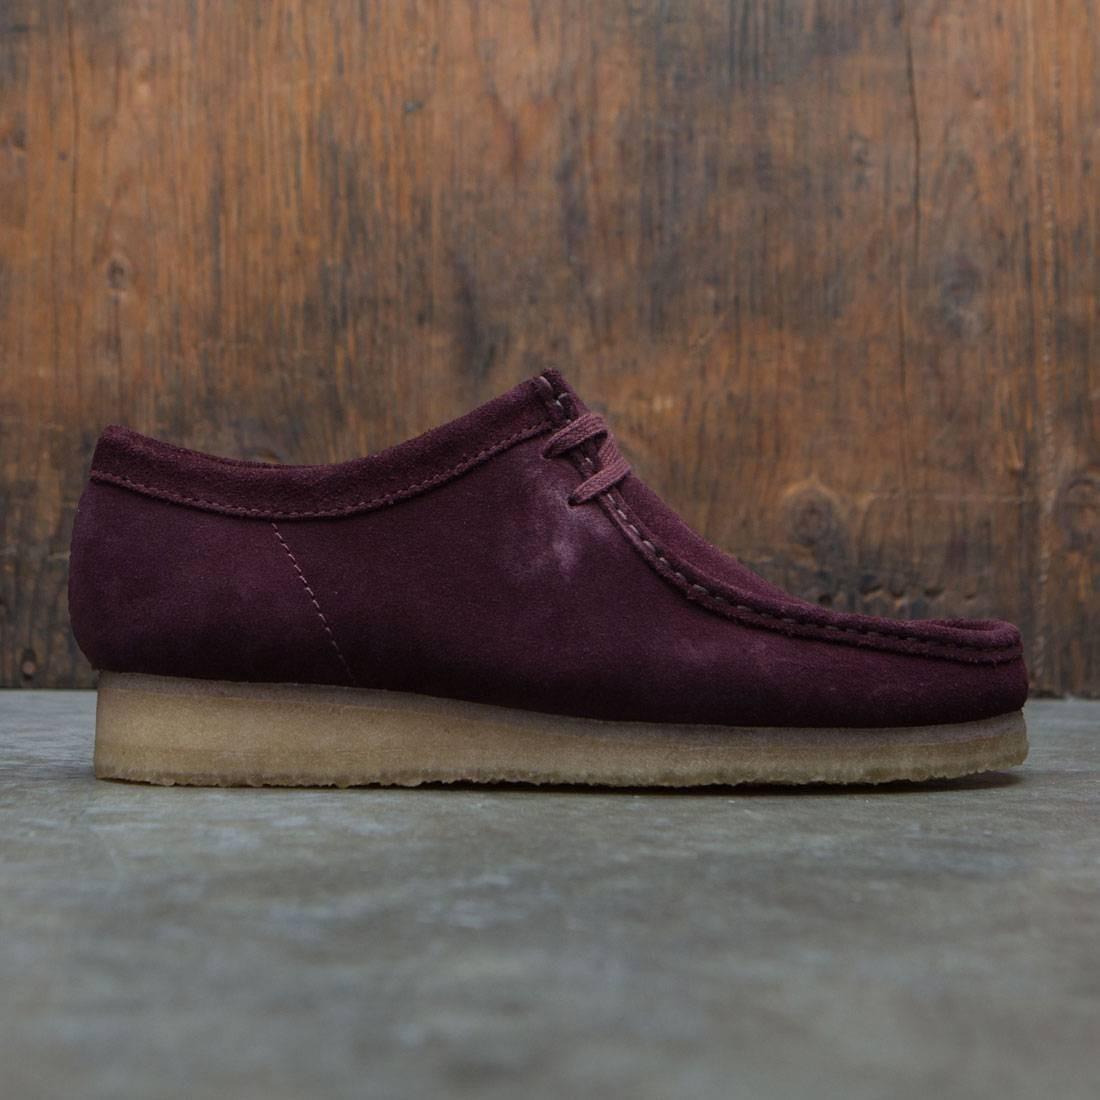 【海外限定】クラークス メンズ靴 靴 【 CLARKS MEN WALLABEE BURGUNDY SUEDE 】